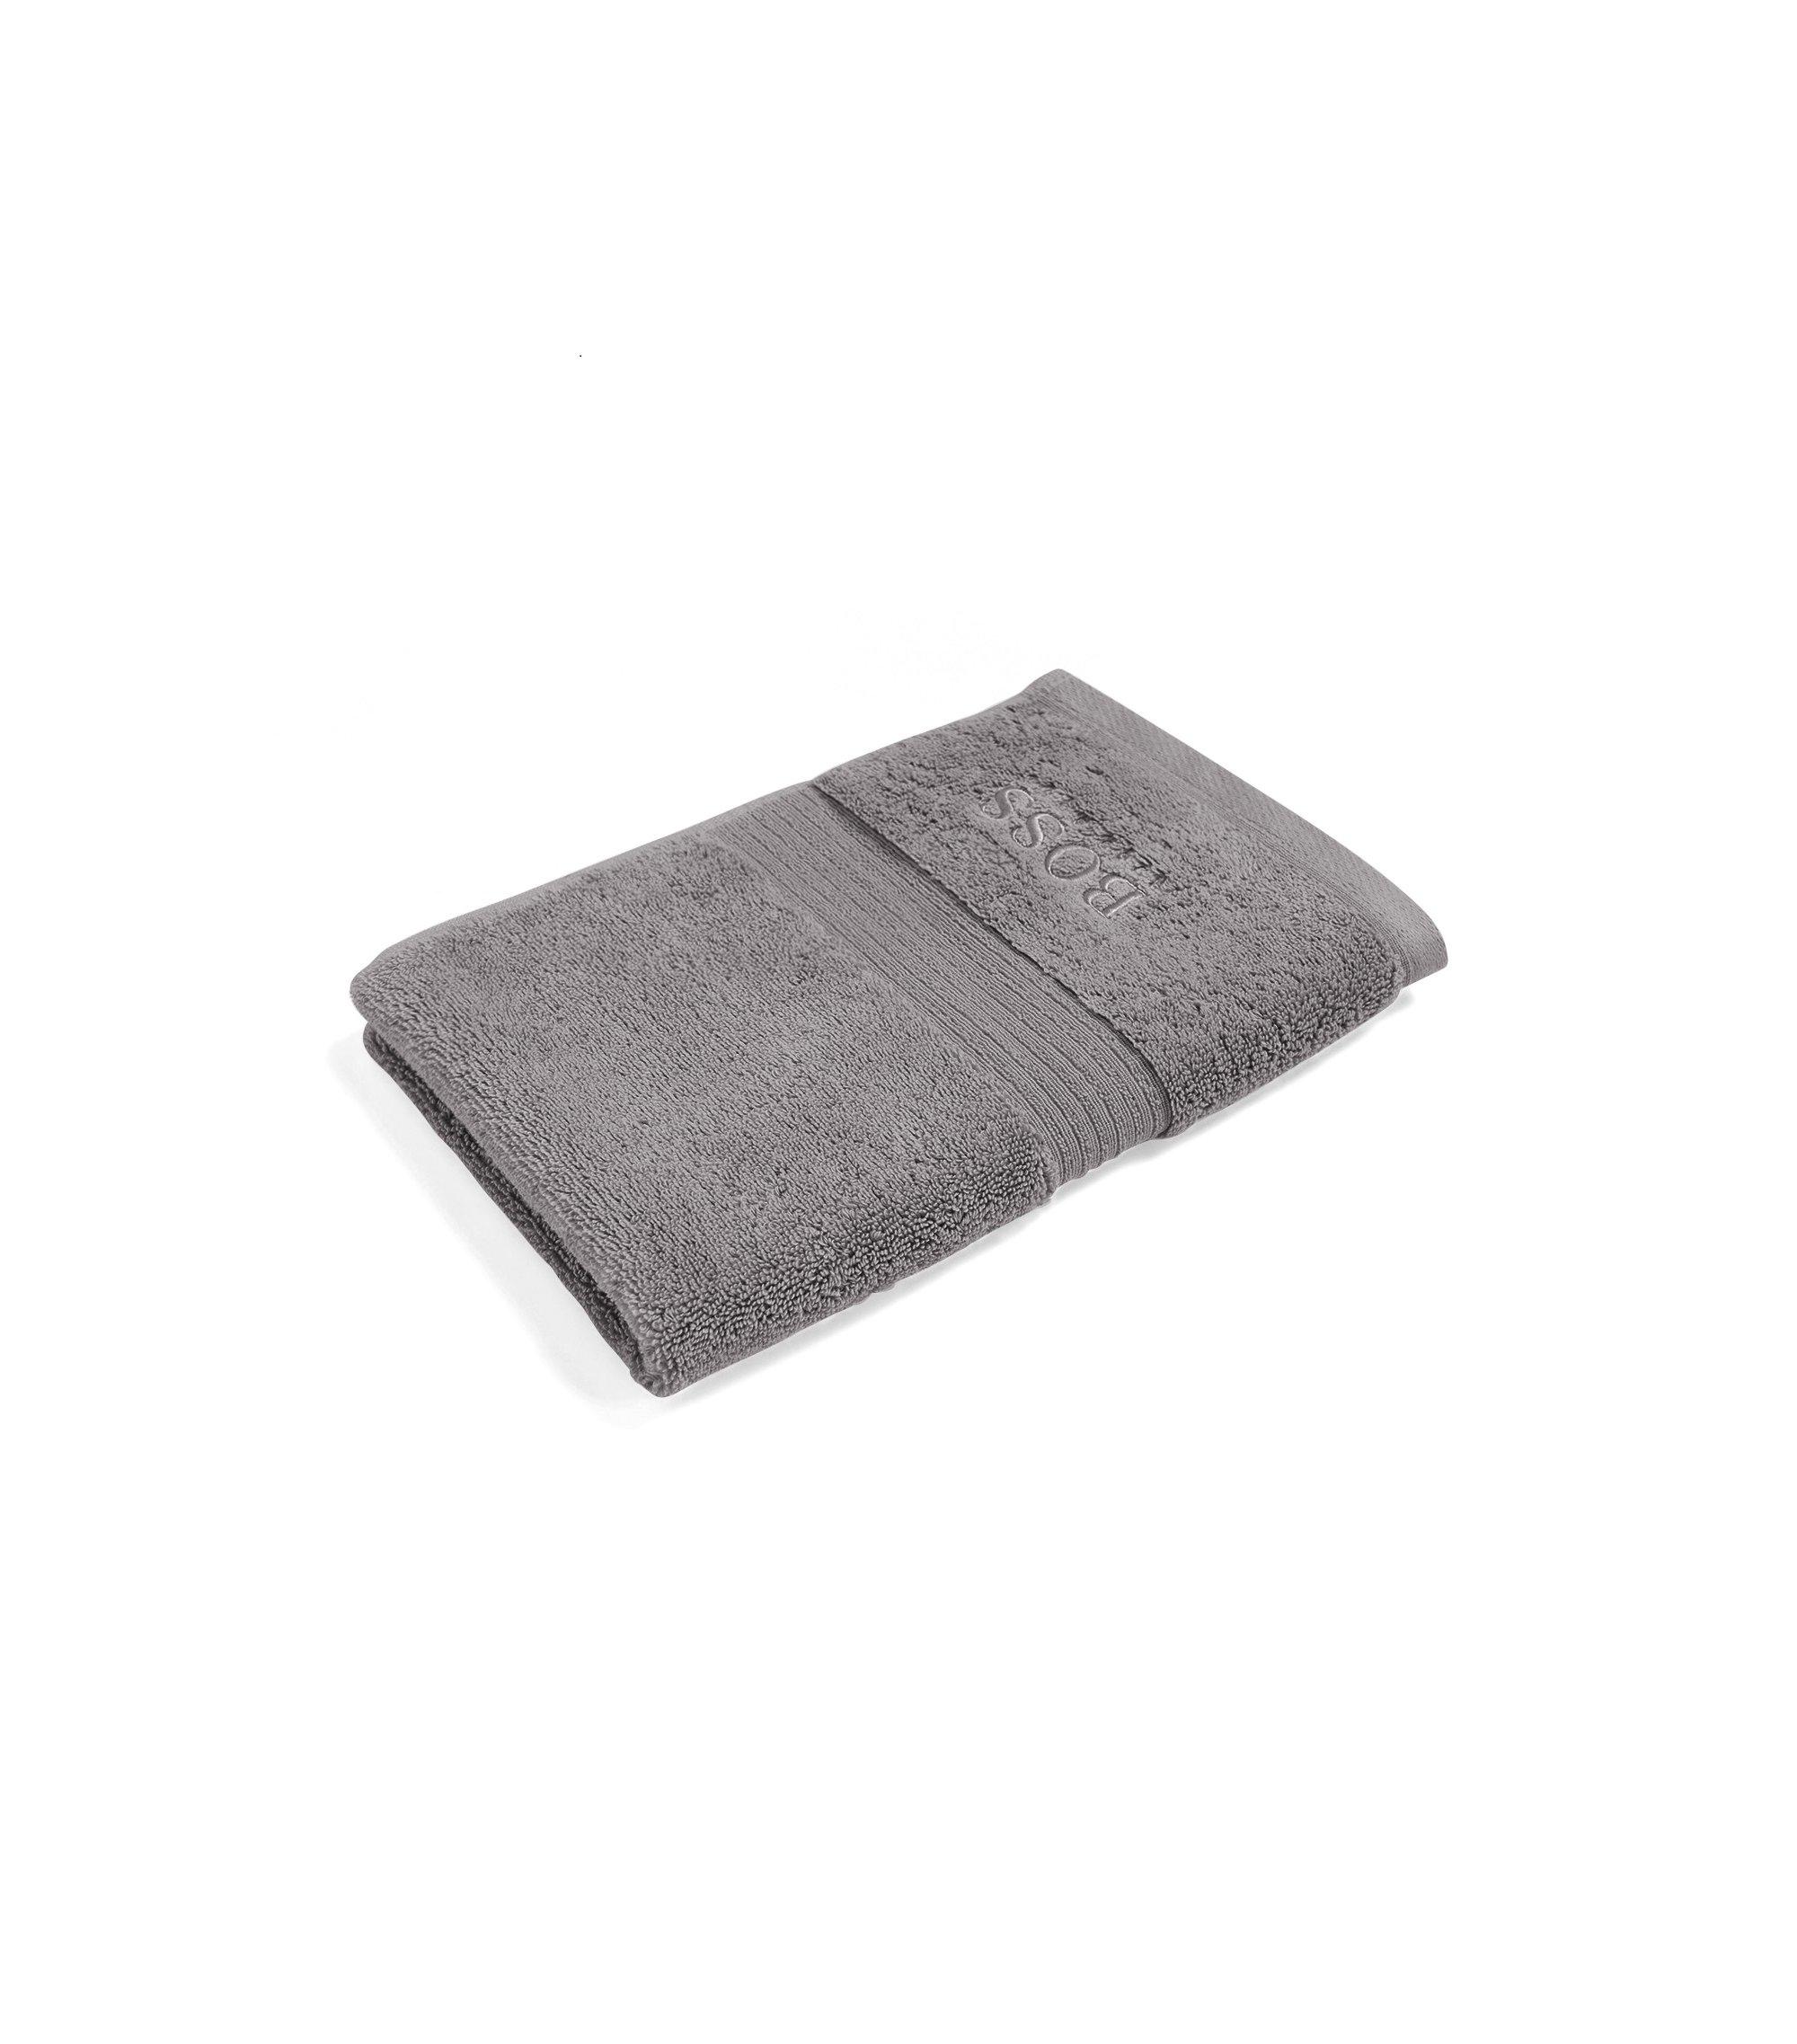 Serviette de toilette pour invité en coton égyptien peigné avec bordure côtelée, Argent